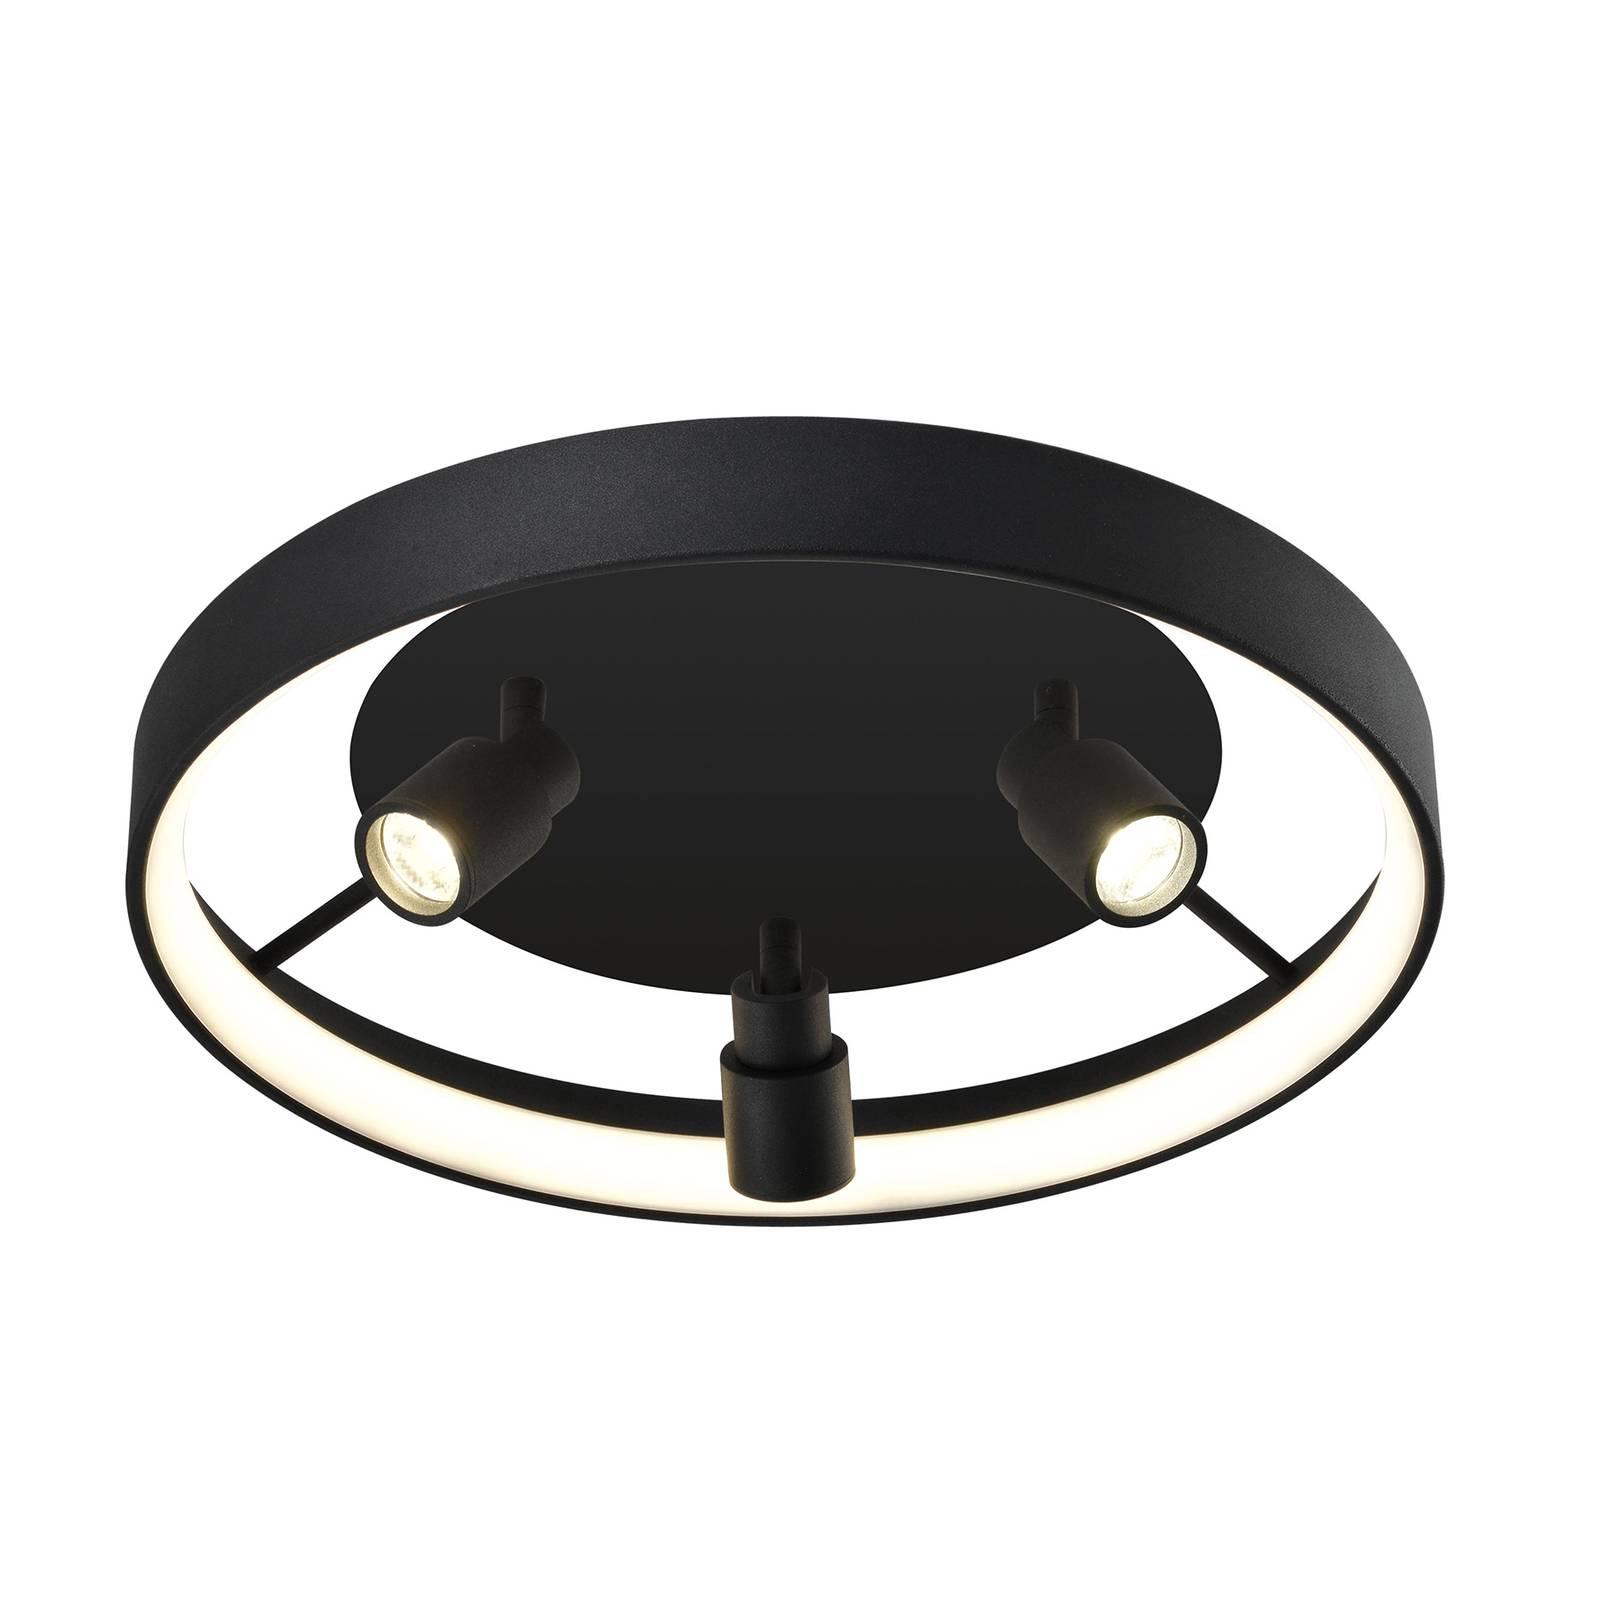 LED-Deckenleuchte Denis, kreisförmig mit 3 Spots